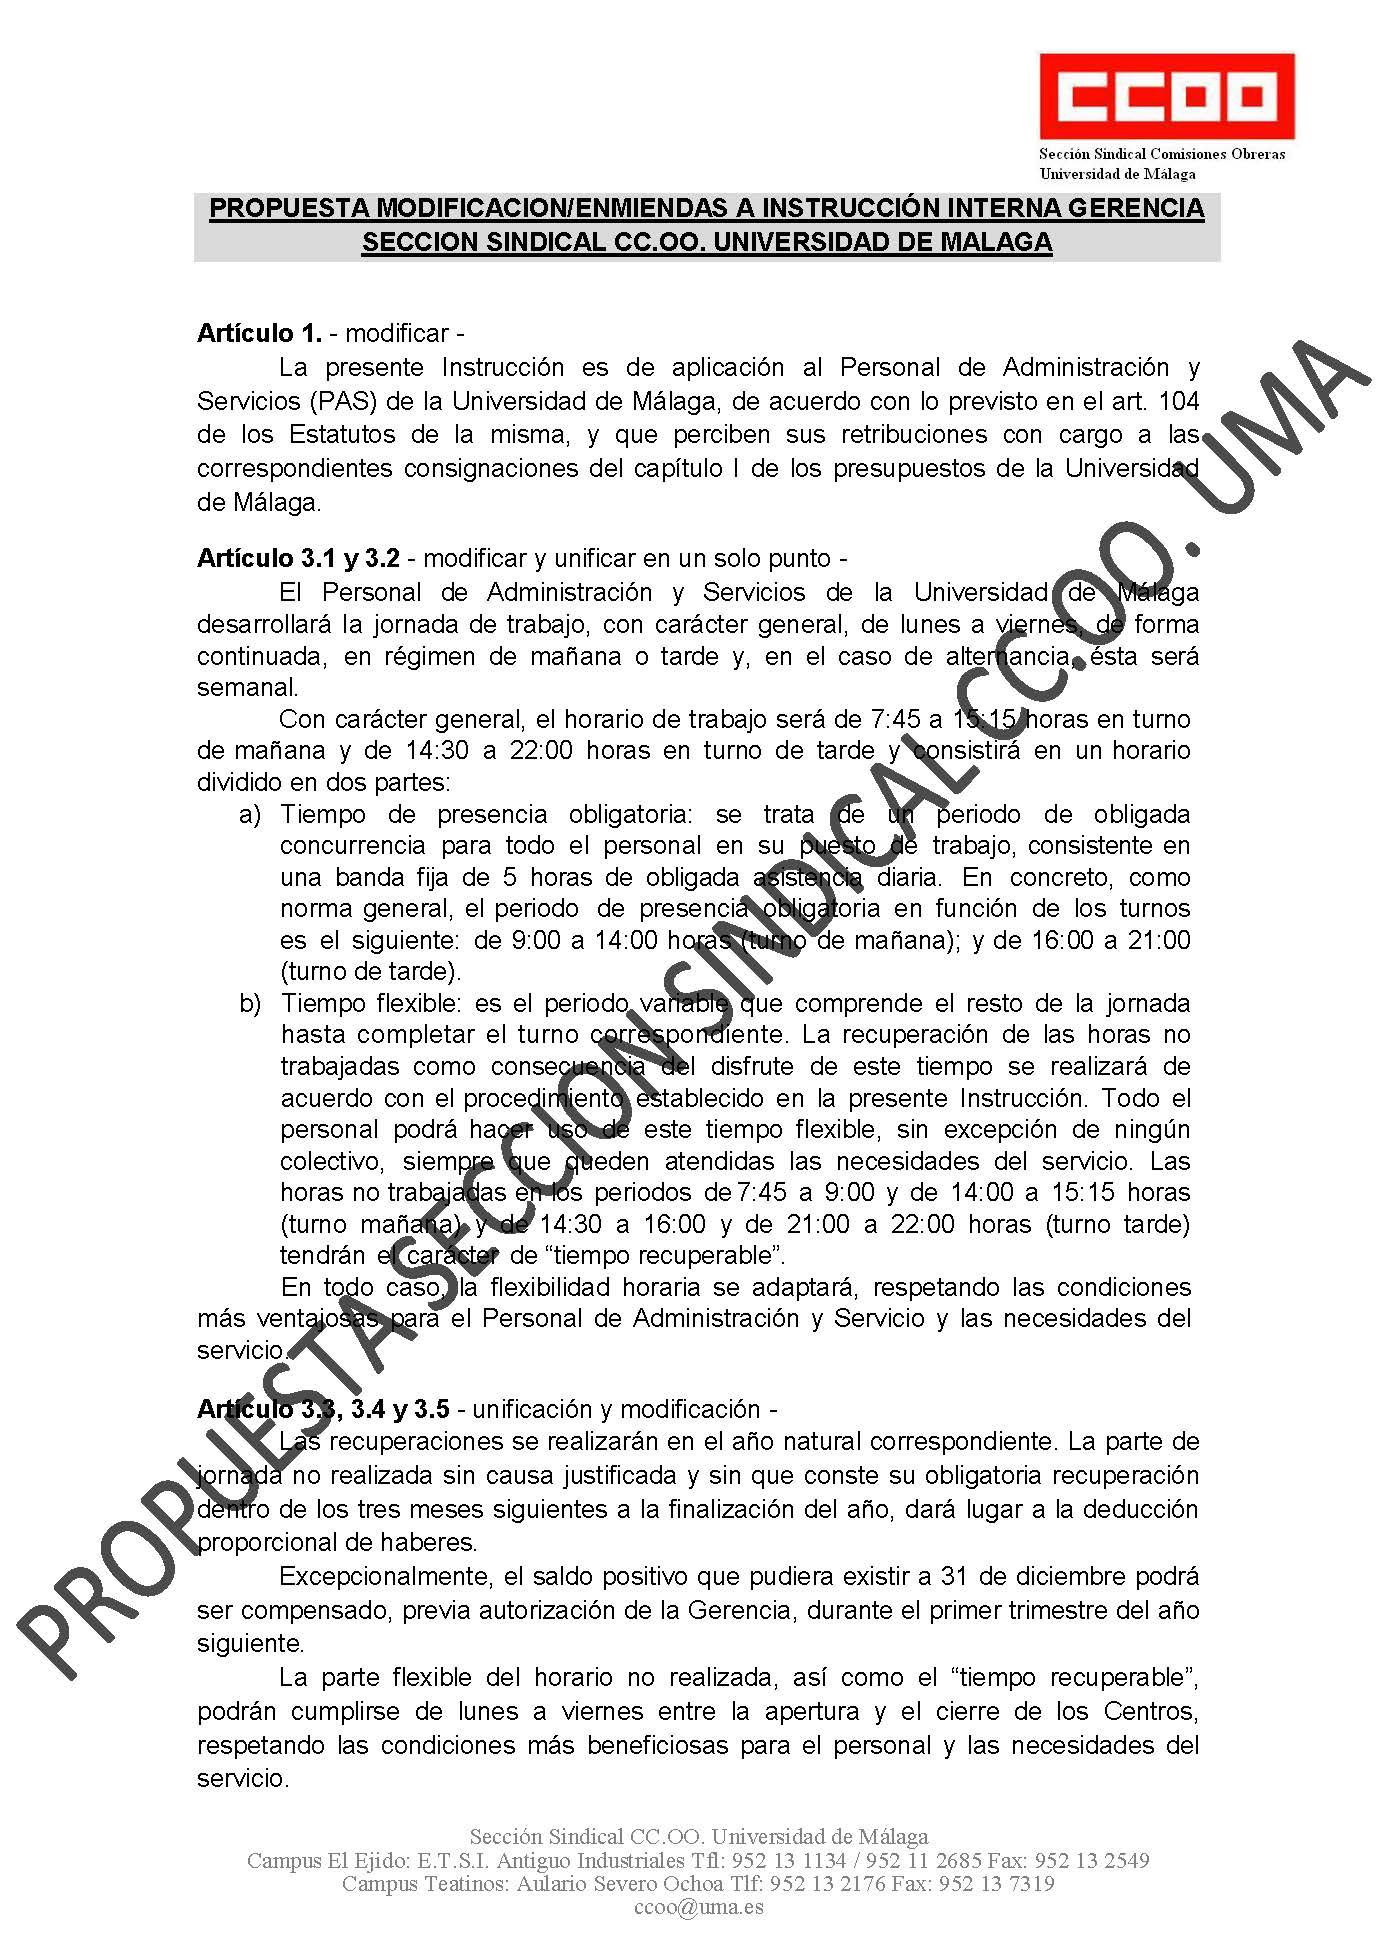 propuesta_enmienda_instruccion_gerencia_2016_pgina_1